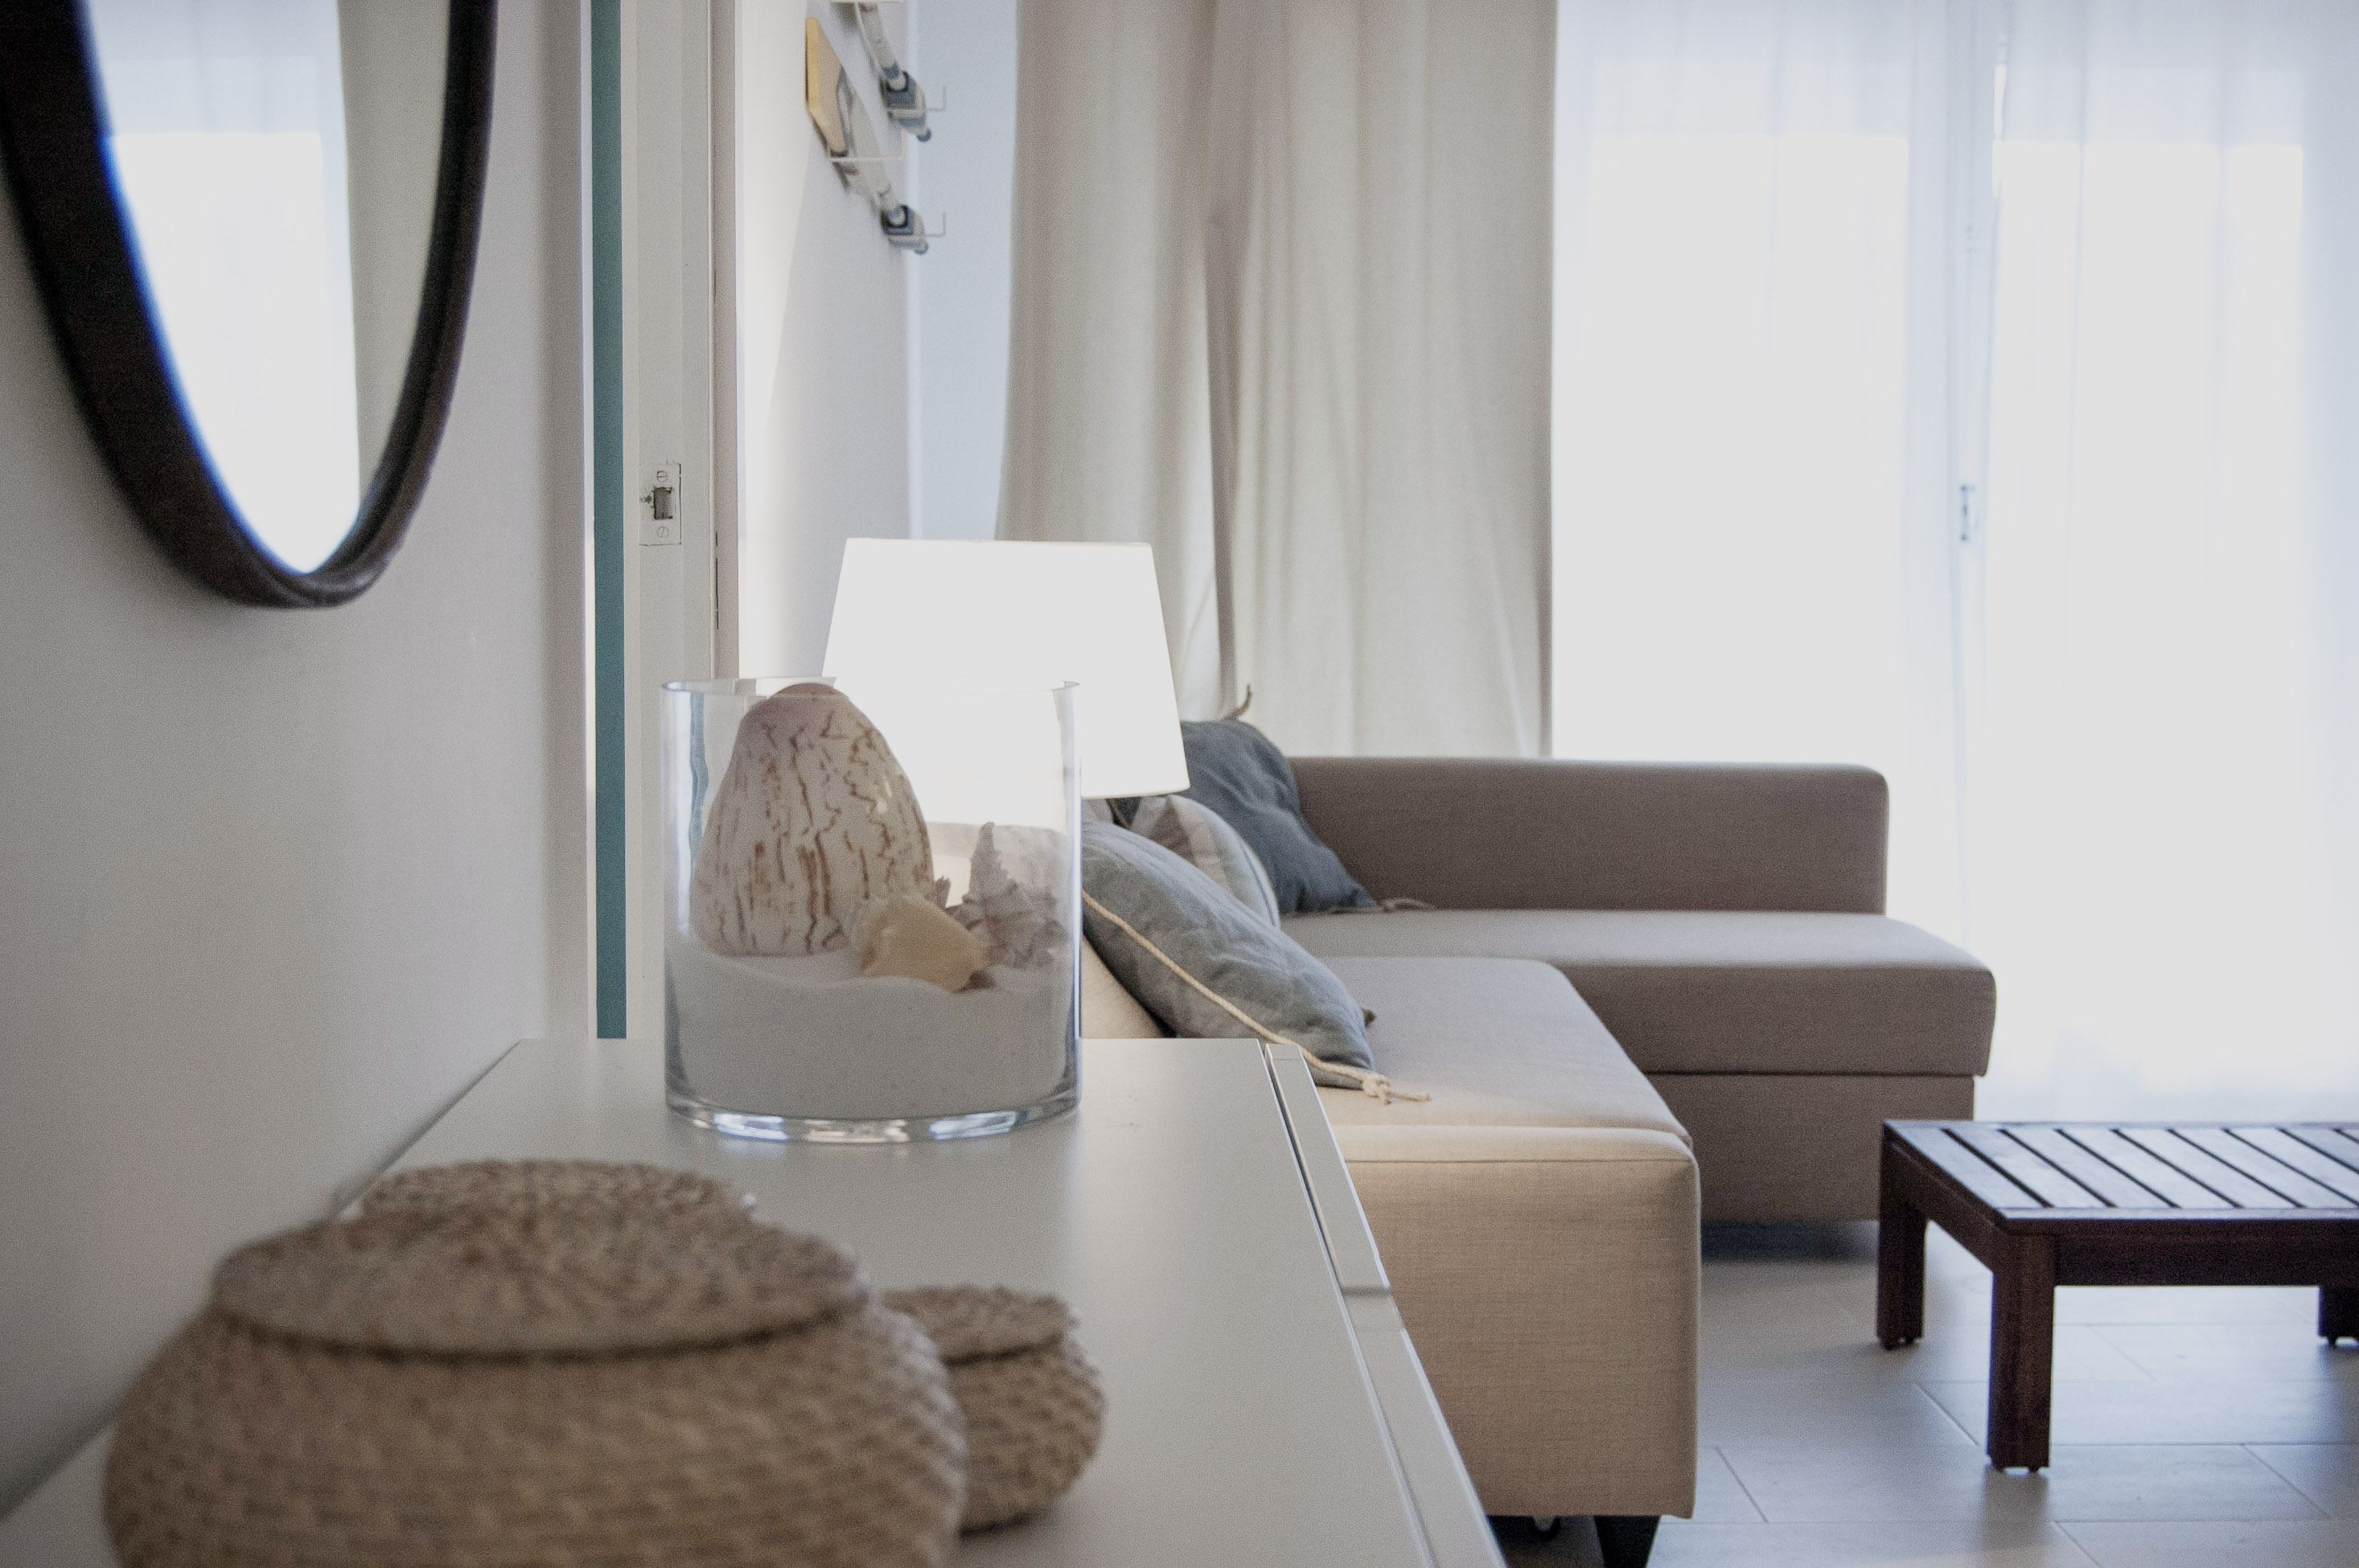 Decoracion apartamento playa decorar apartamento en la for Decorar apartamento playa